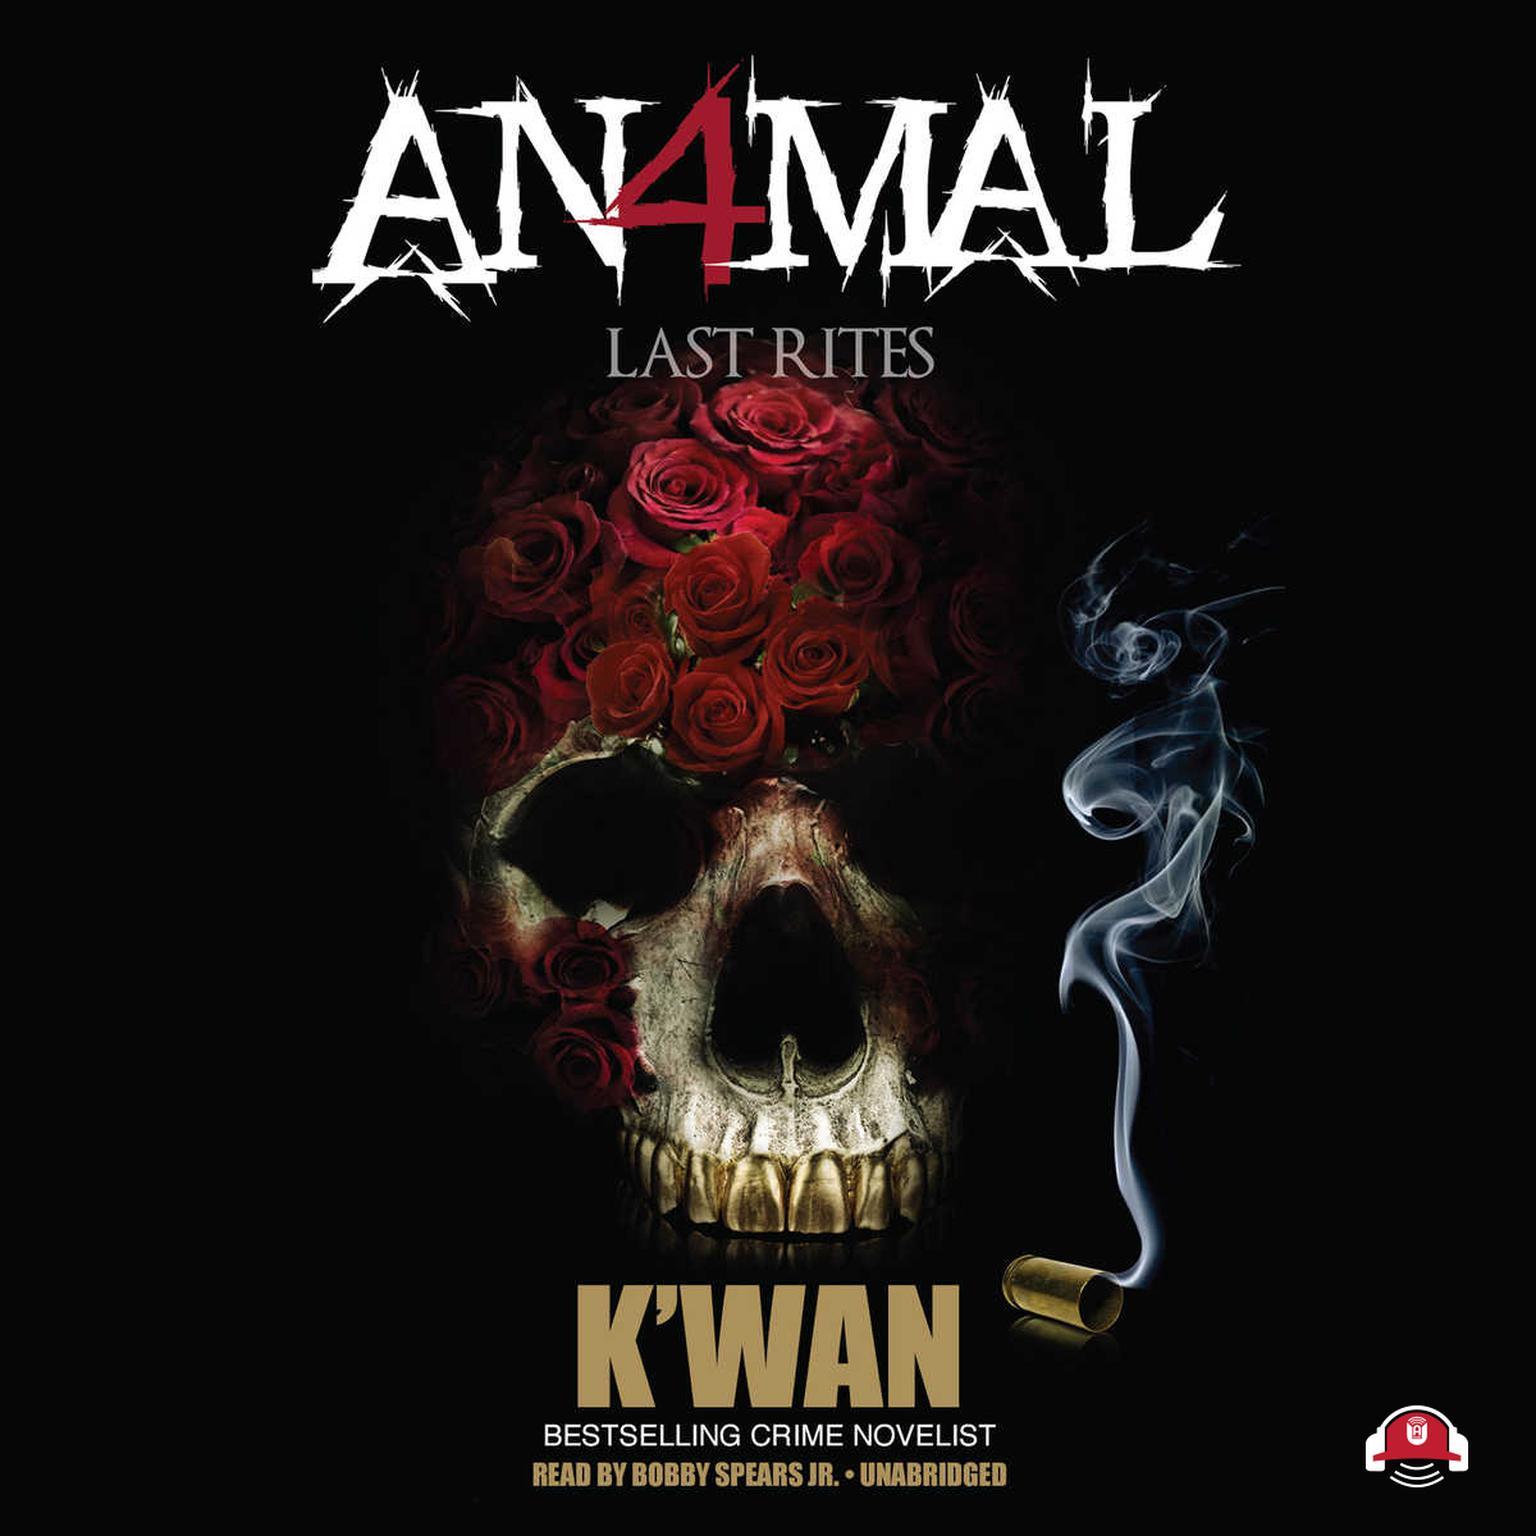 Animal 4: Last Rites Audiobook, by K'wan